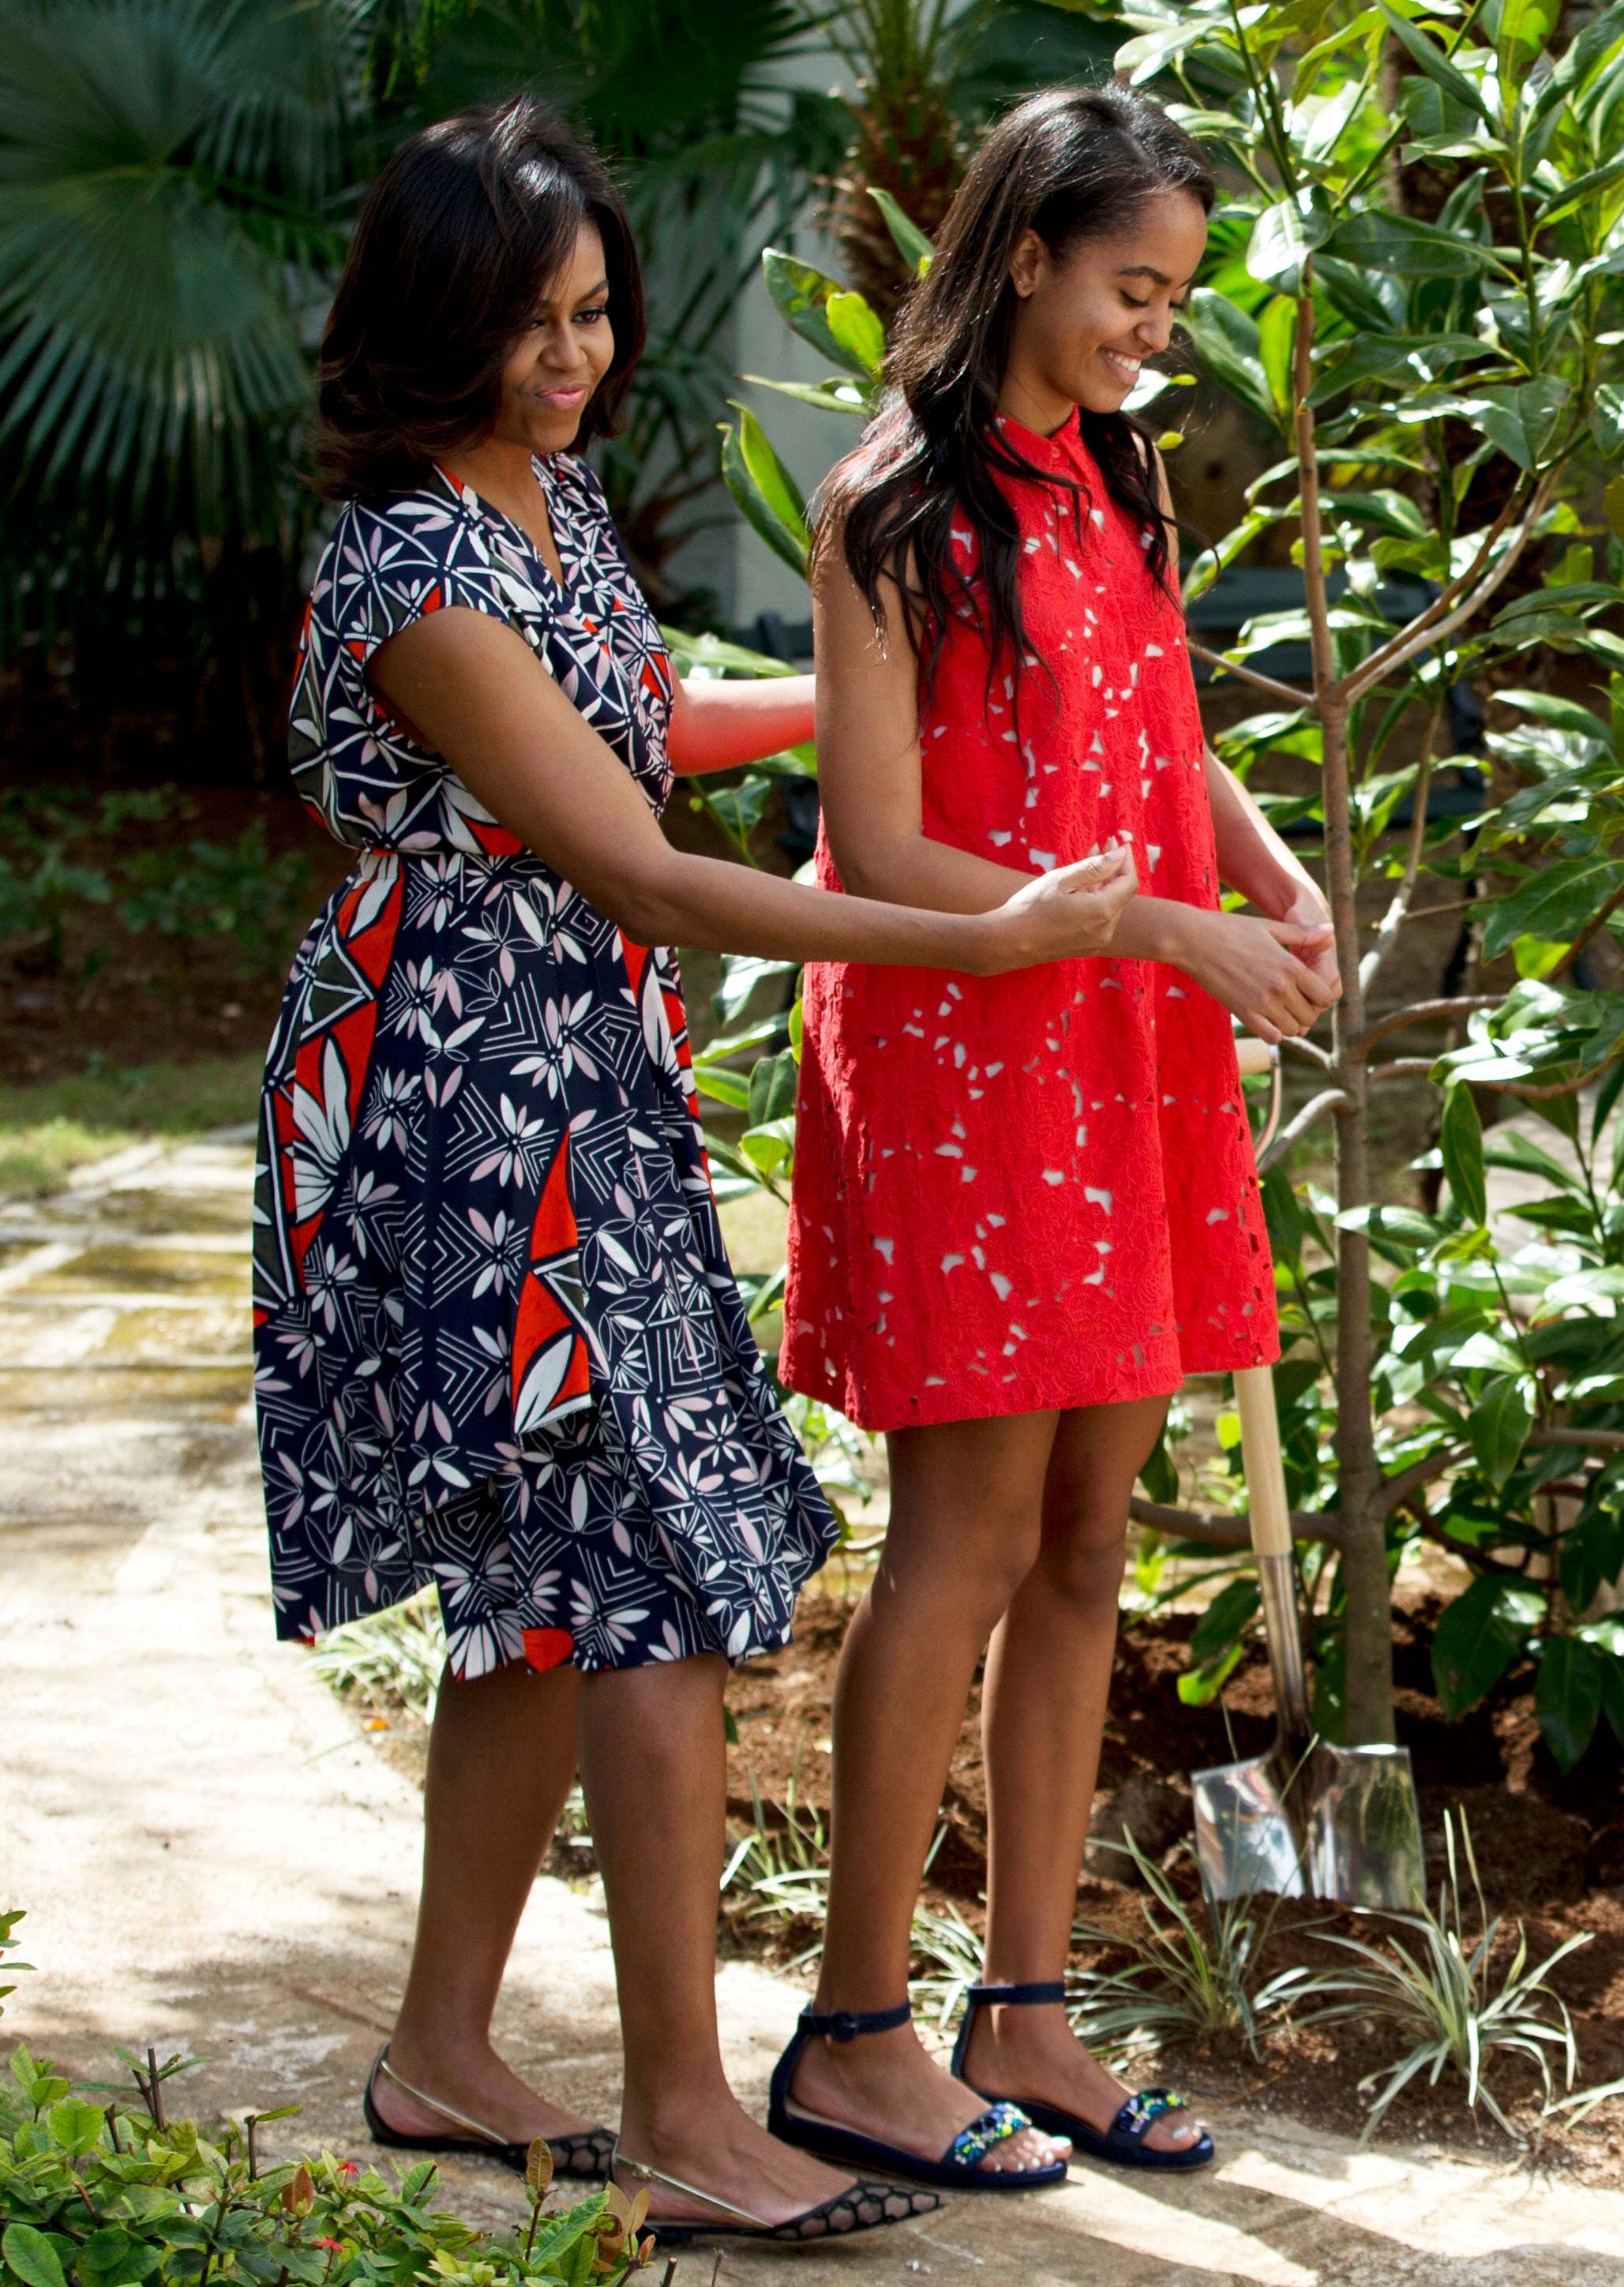 Michelle and Malia Obama